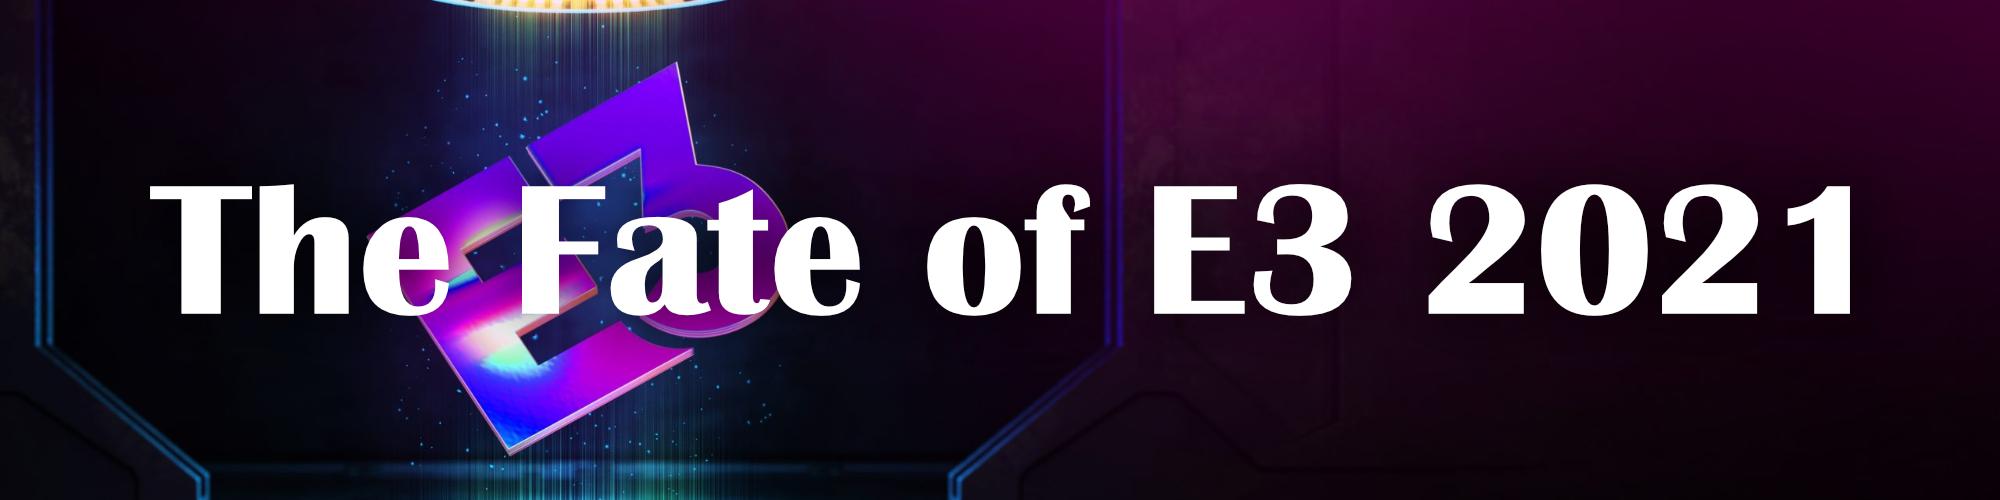 E3%20online%20portal%20problems%206.png